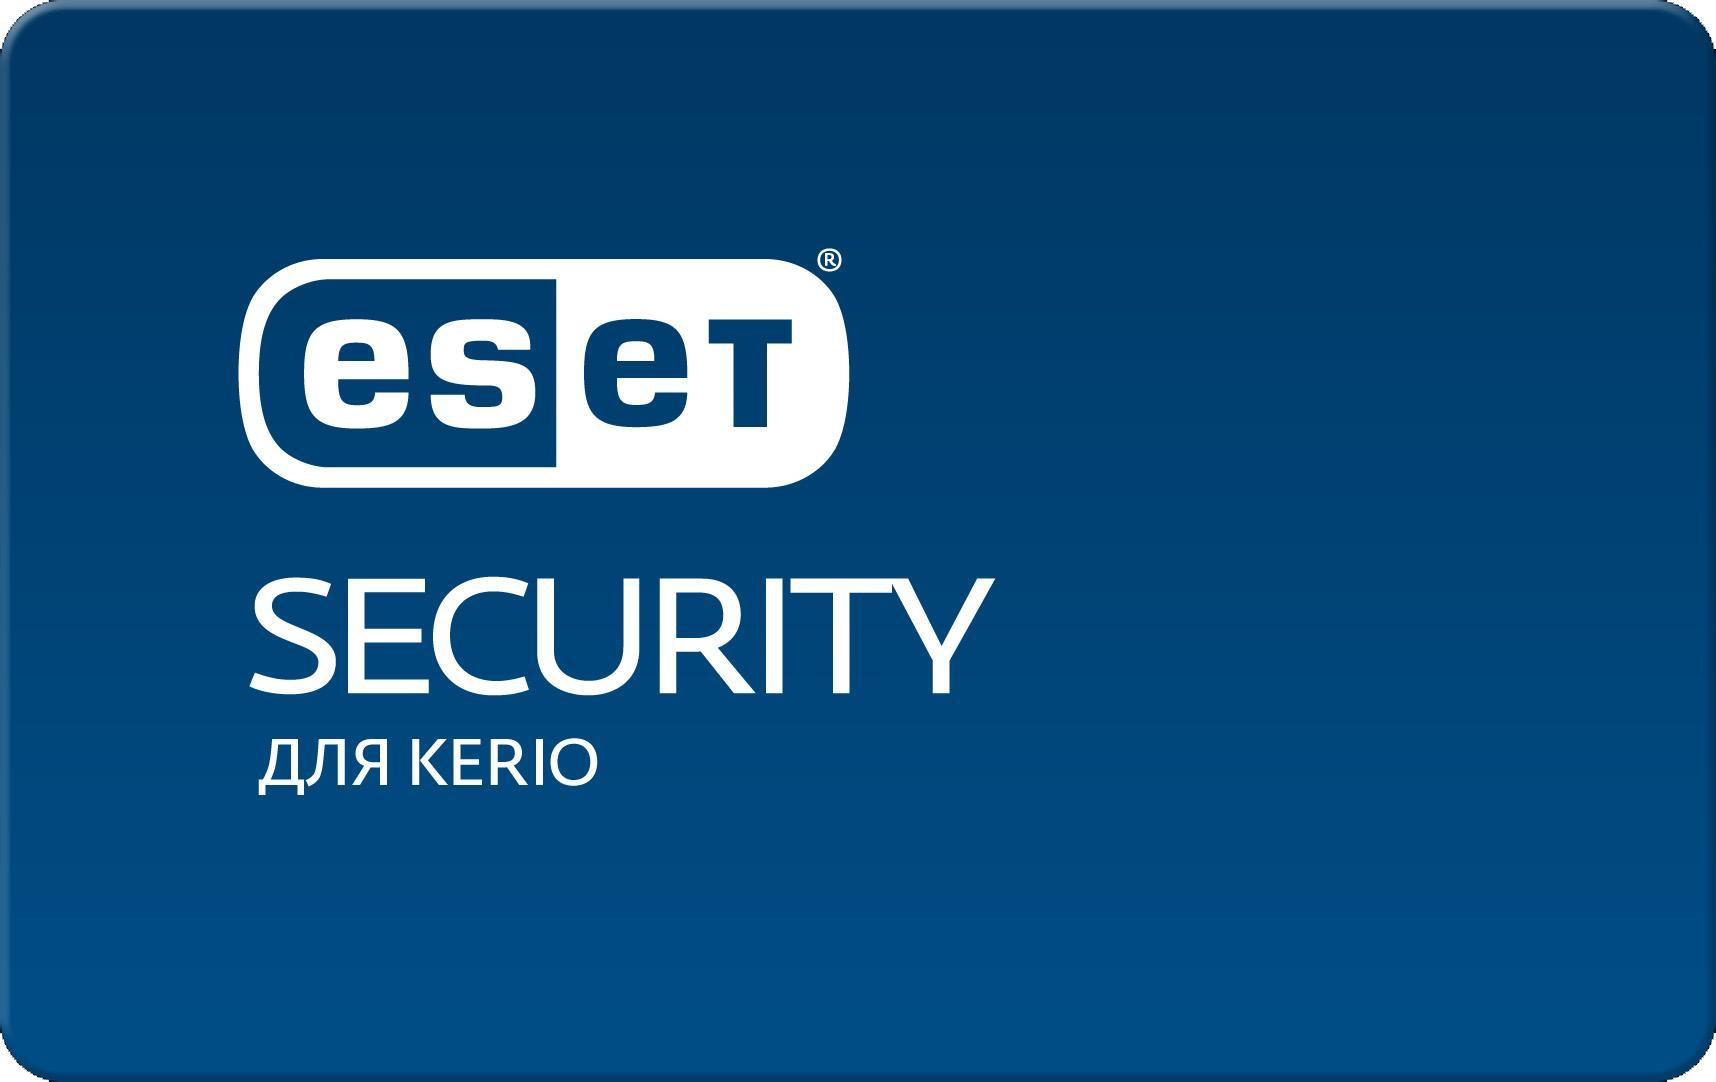 Защита почтовых серверов и интернет-шлюзов Eset Security для Kerio  для 131 пользователей